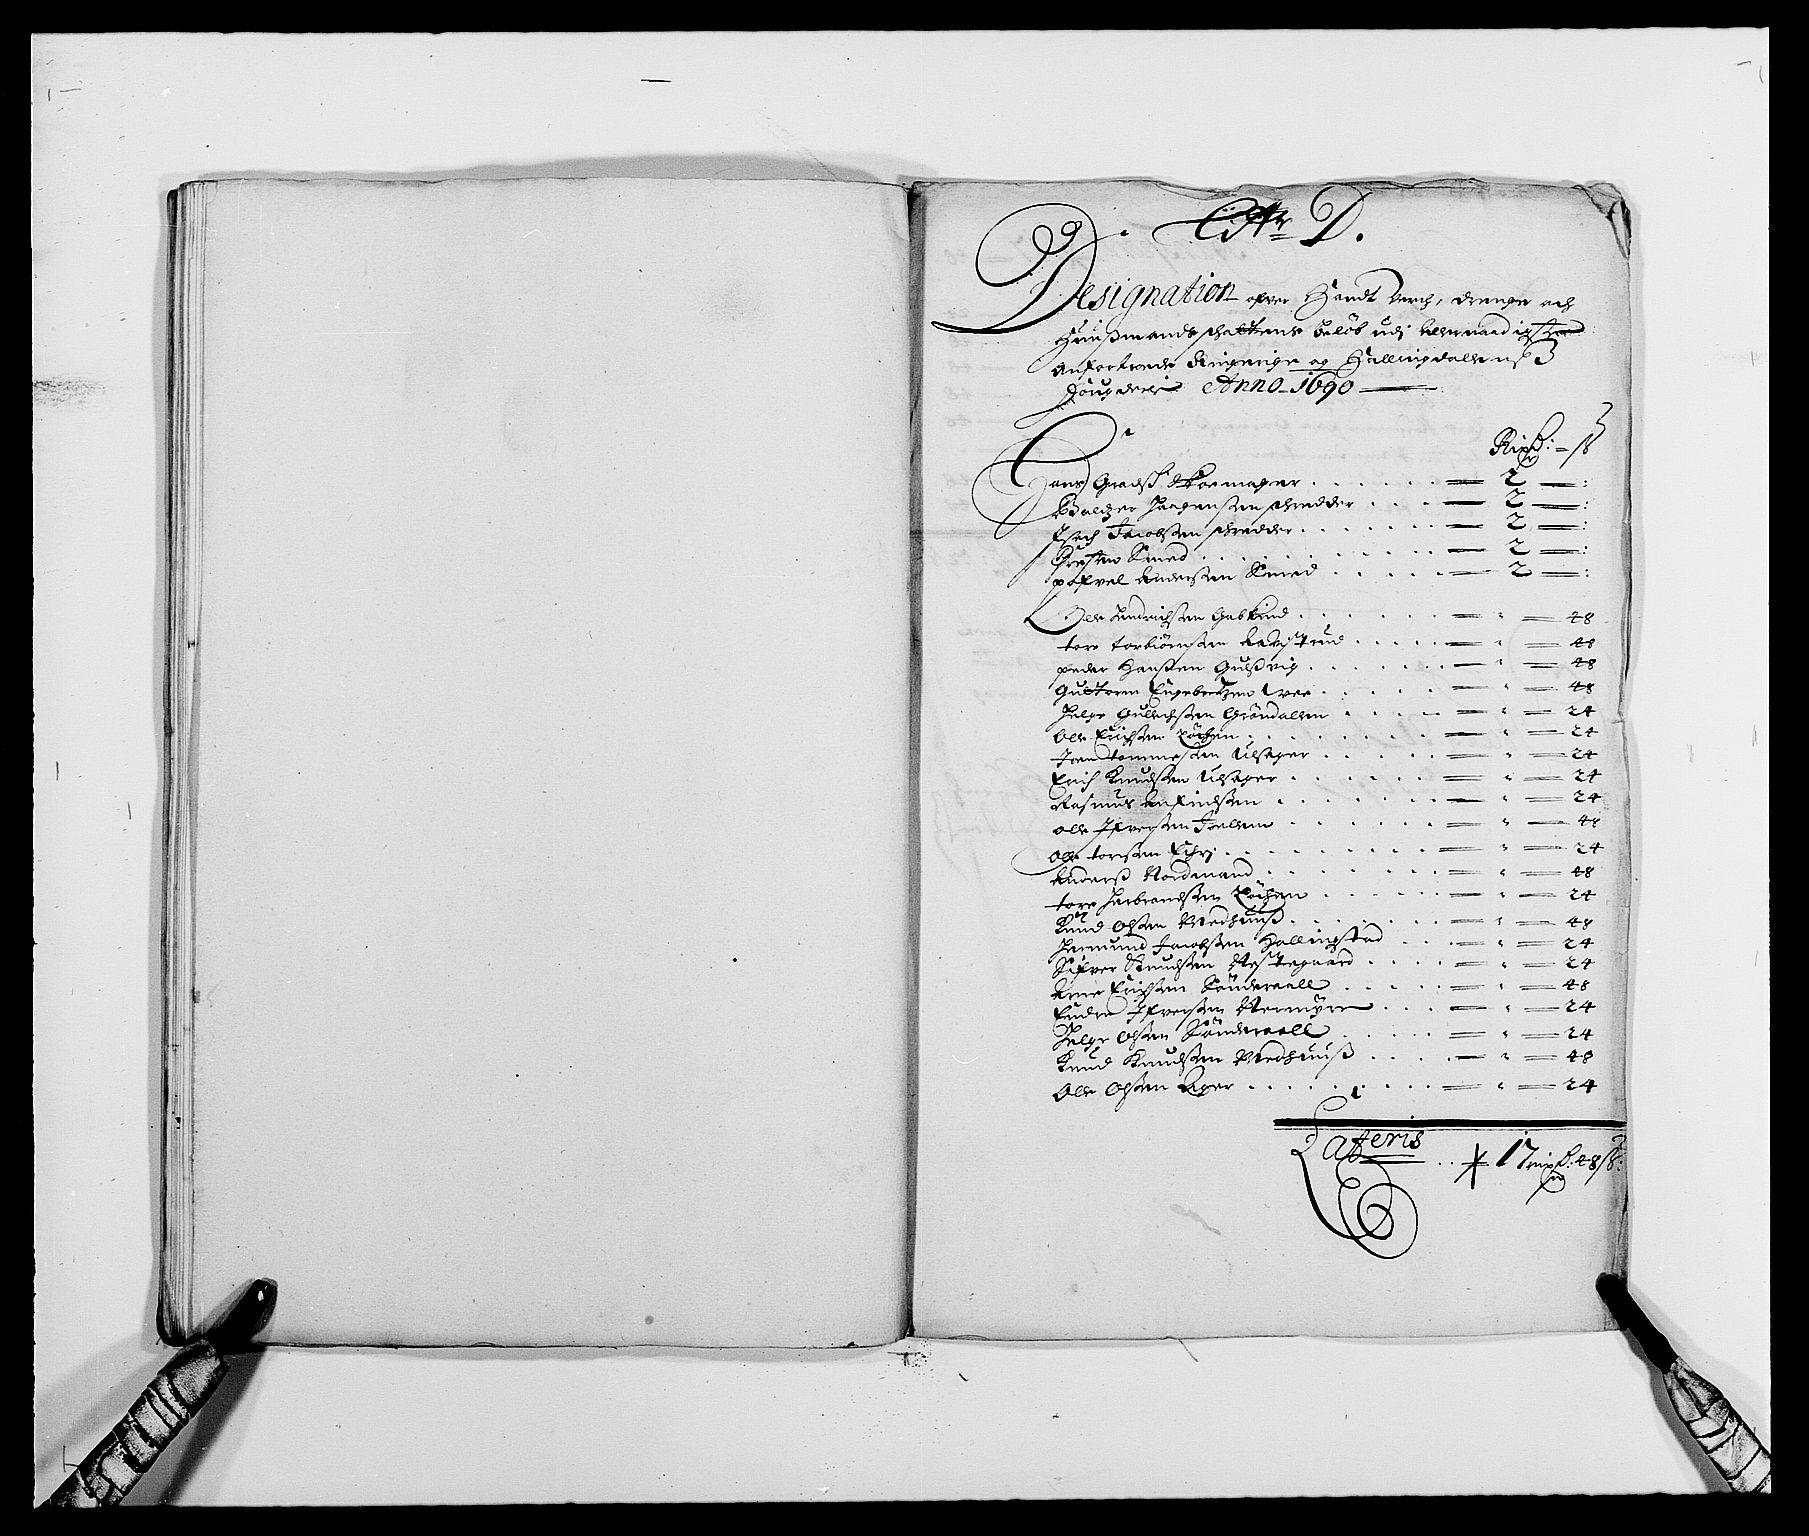 RA, Rentekammeret inntil 1814, Reviderte regnskaper, Fogderegnskap, R21/L1448: Fogderegnskap Ringerike og Hallingdal, 1690-1692, s. 50